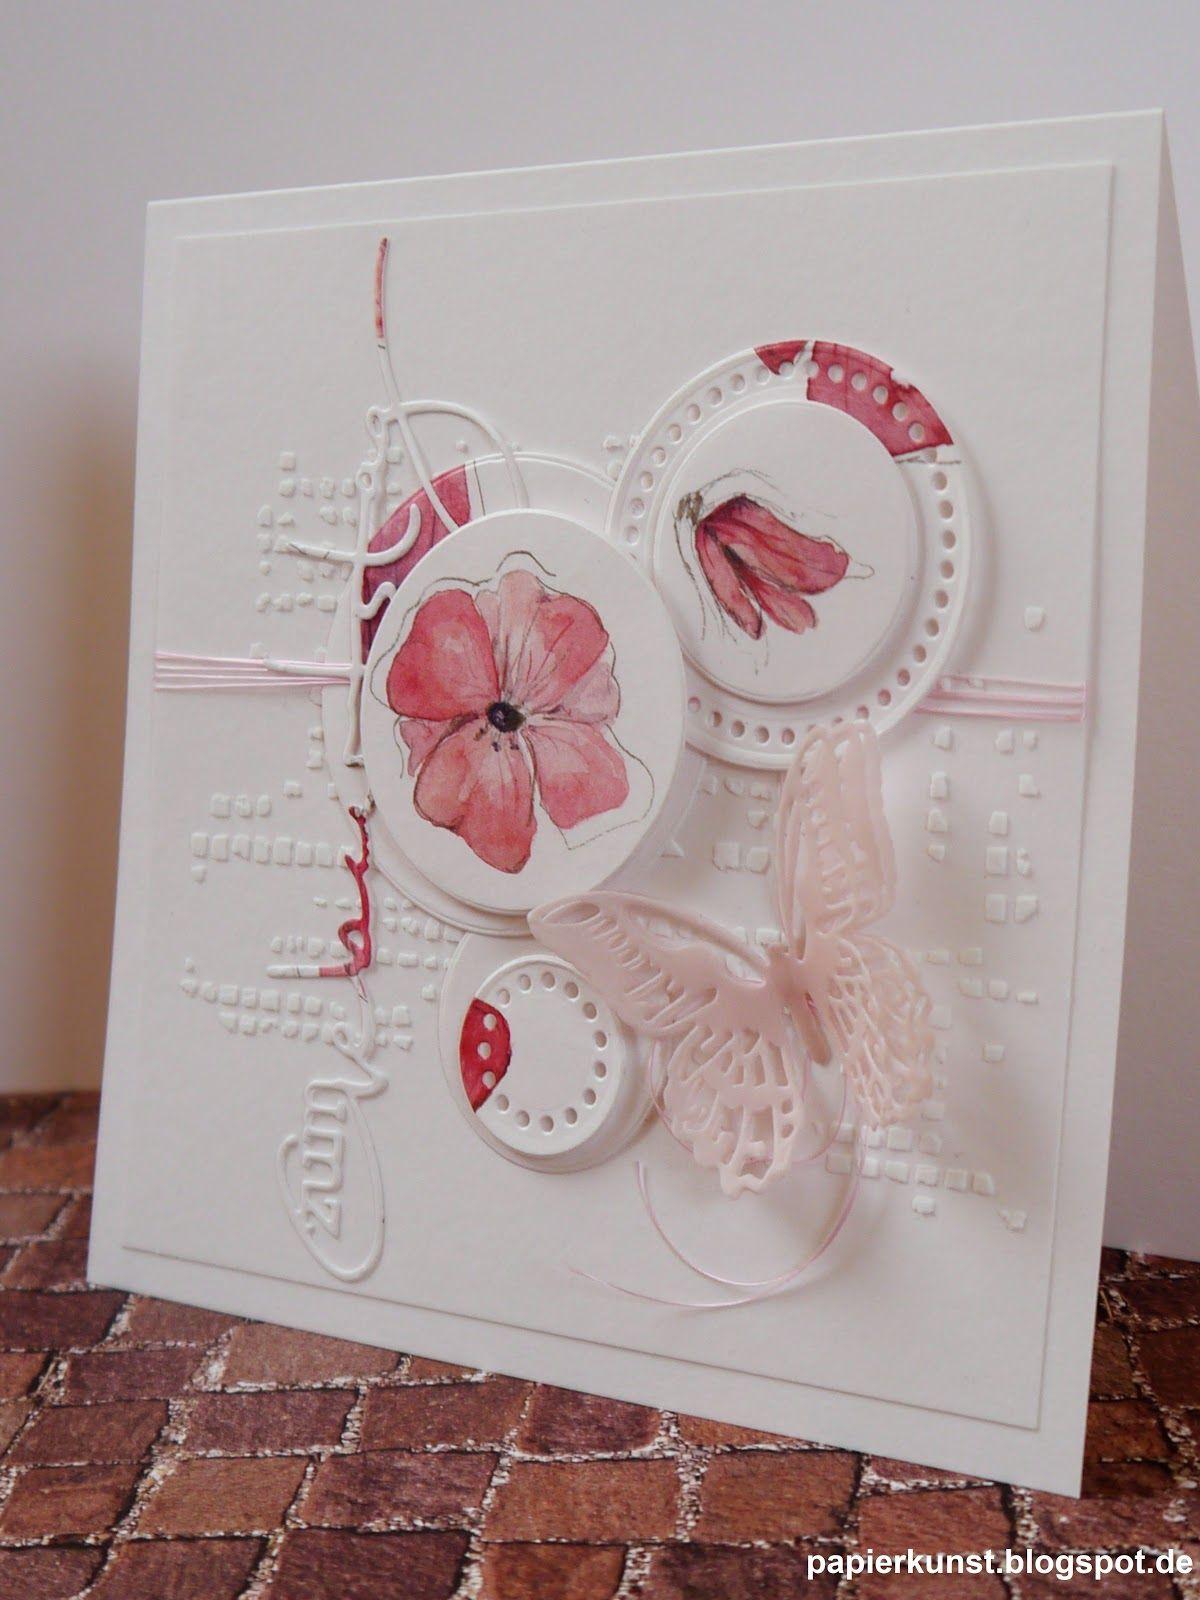 Zum Geburtstag   Karten Basteln, Karten Basteln Blumen, Kreativ in Glückwunschkarten Basteln